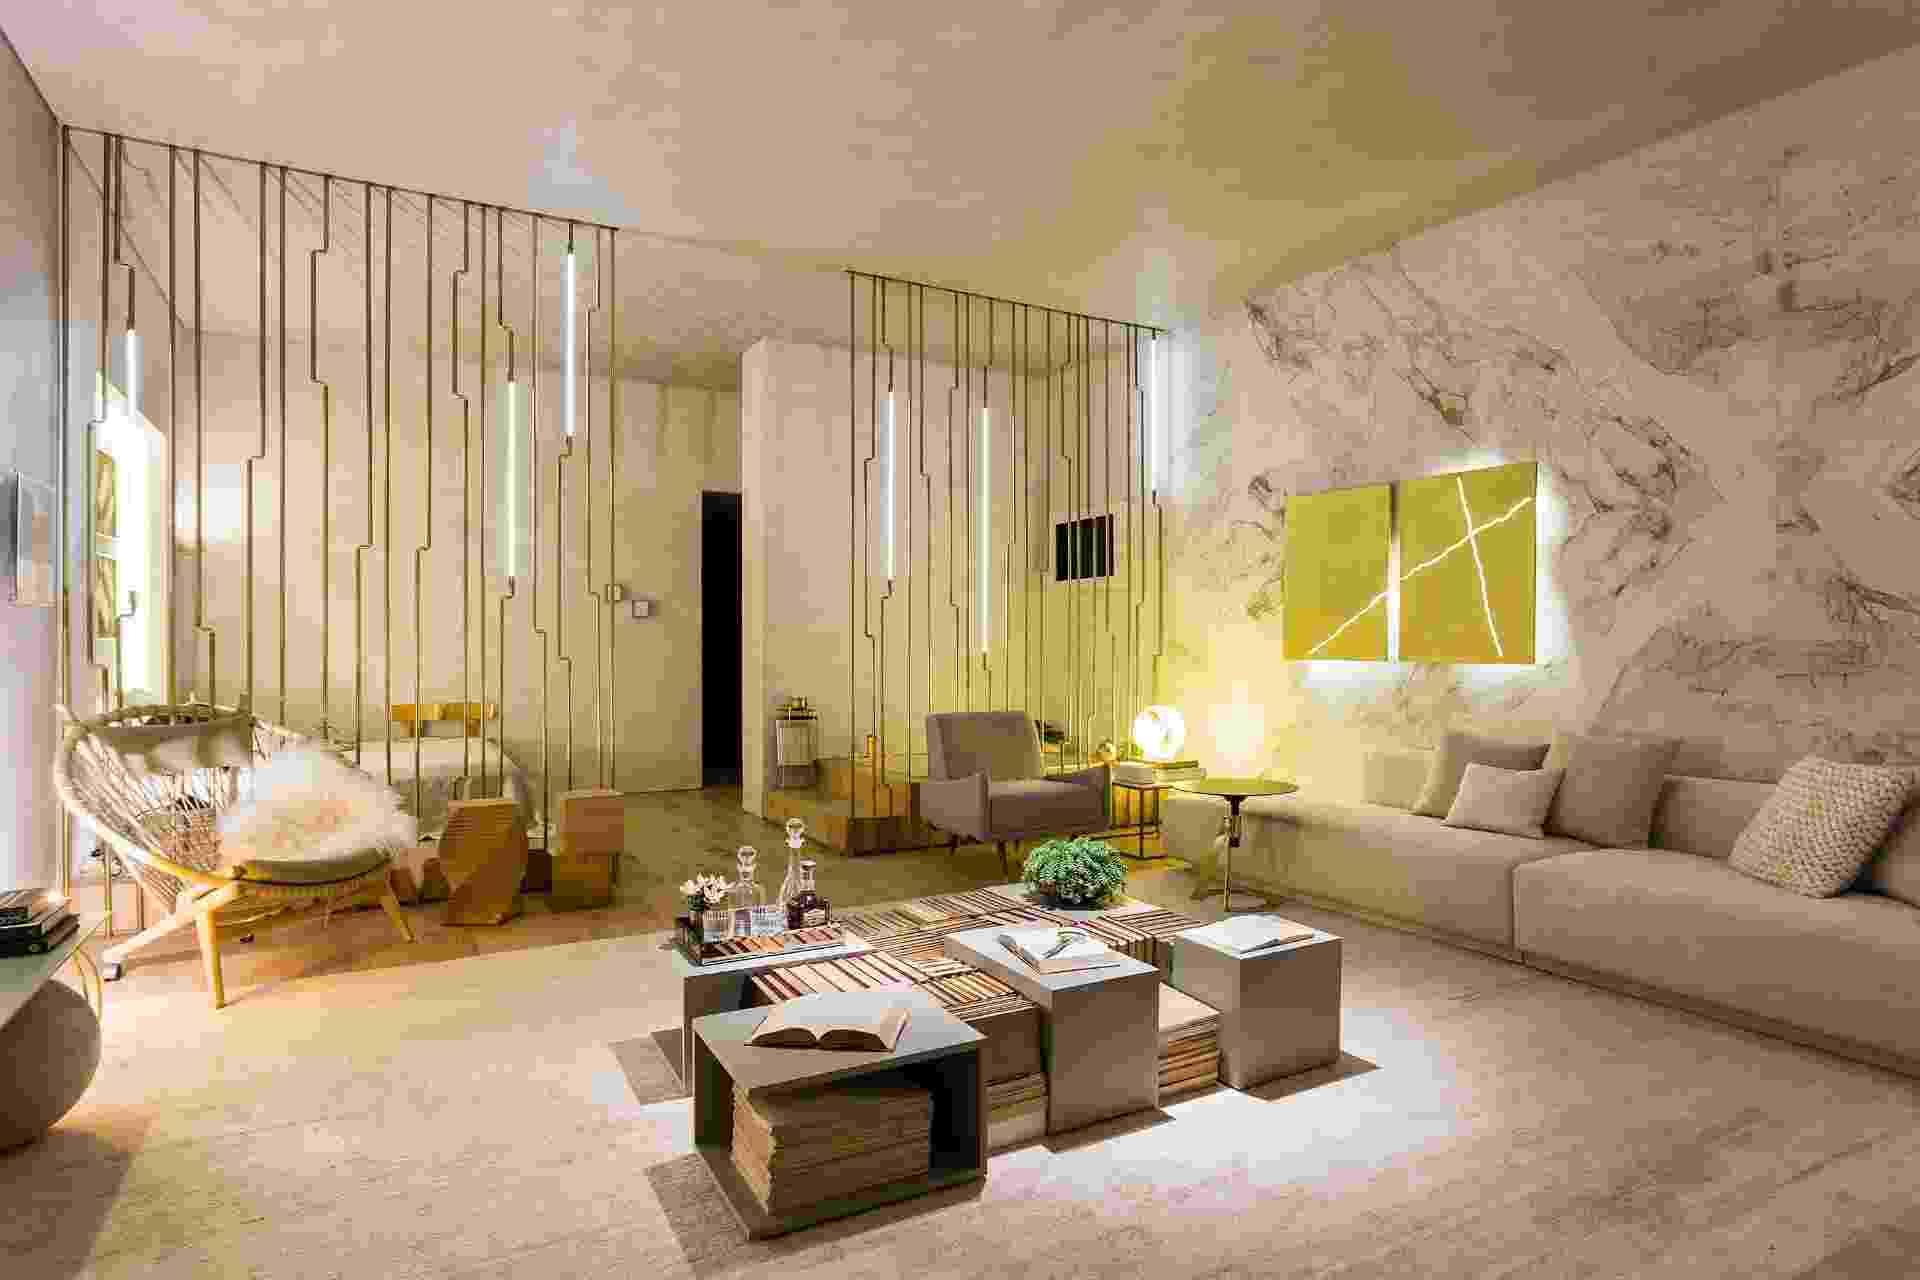 No Apartamento Black, com 60 m², desenhado pelo escritório Suite Arquitetos, estruturas formadas por finos canos delimitam a sala de estar em relação ao quarto e ao banheiro. A parede em mármore branco dá o toque de sofisticação ao projeto. A Mostra Black fica em cartaz até dia 21 de junho de 2015, na Oca - pavilhão Lucas Nogueira Garcez, no Parque Ibirapuera, em São Paulo (SP) - Ricardo Bassetti/ Divulgação